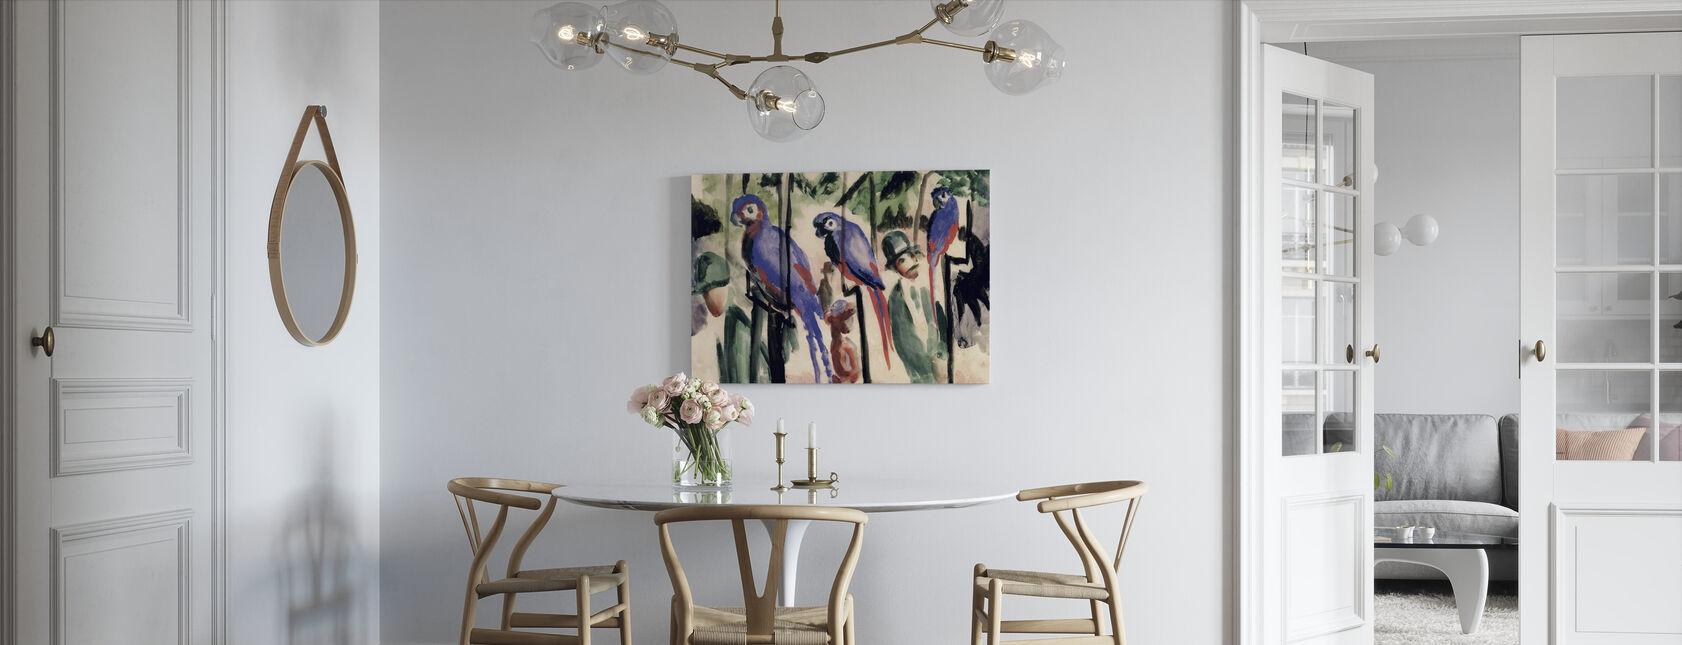 Blue Parrots - August Macke - Canvas print - Kitchen